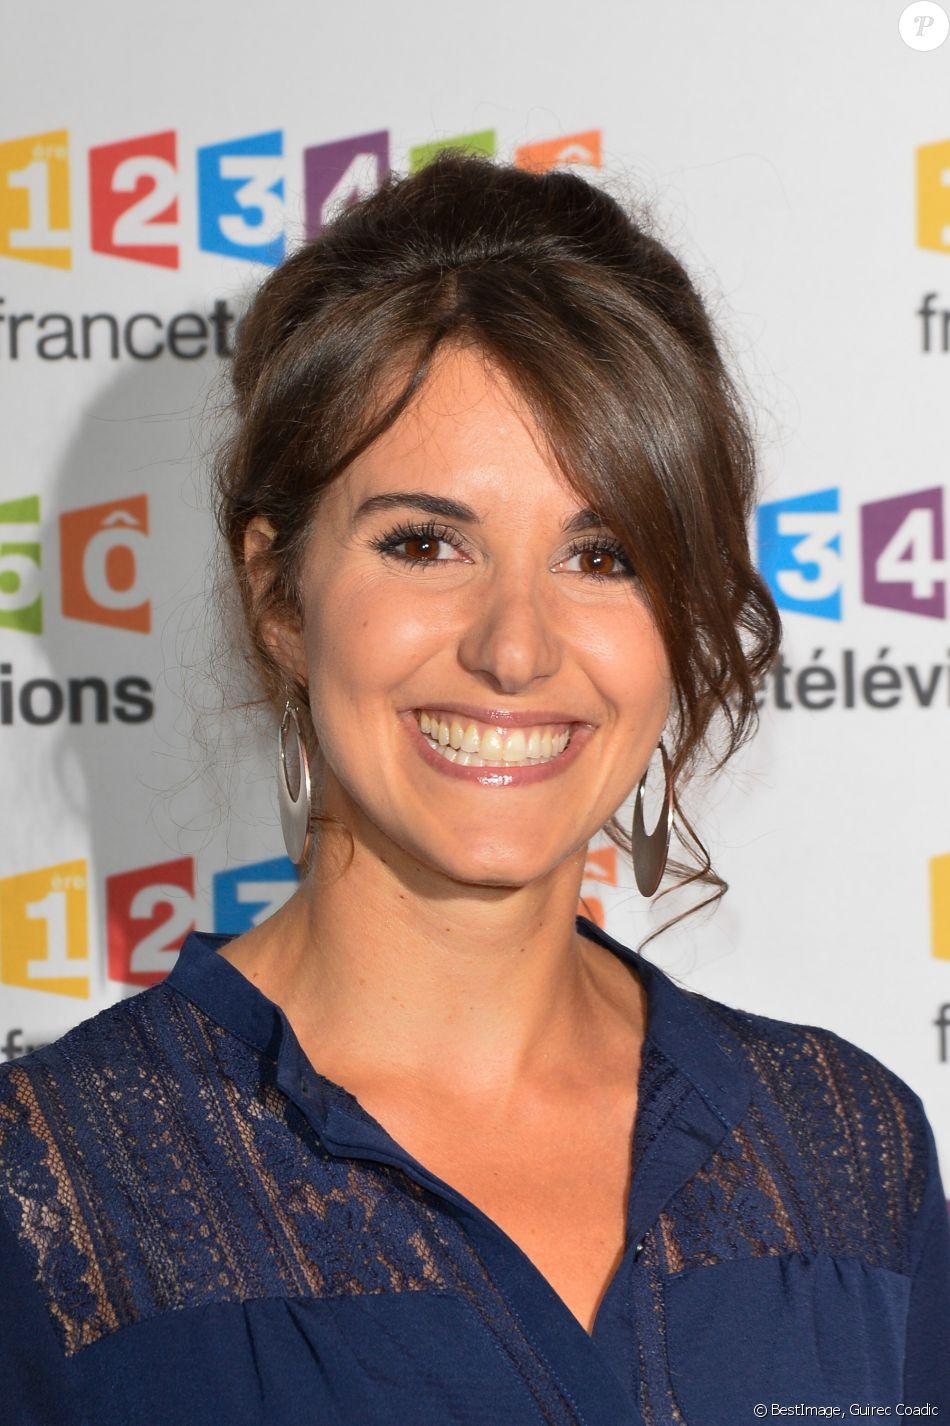 Fanny Agostini va se marier en juin prochain - Fanny Agostini lors du photocall de la présentation de la nouvelle dynamique 2017-2018 de France Télévisions. Paris, le 5 juillet 2017. © Guirec Coadic/Bestimage